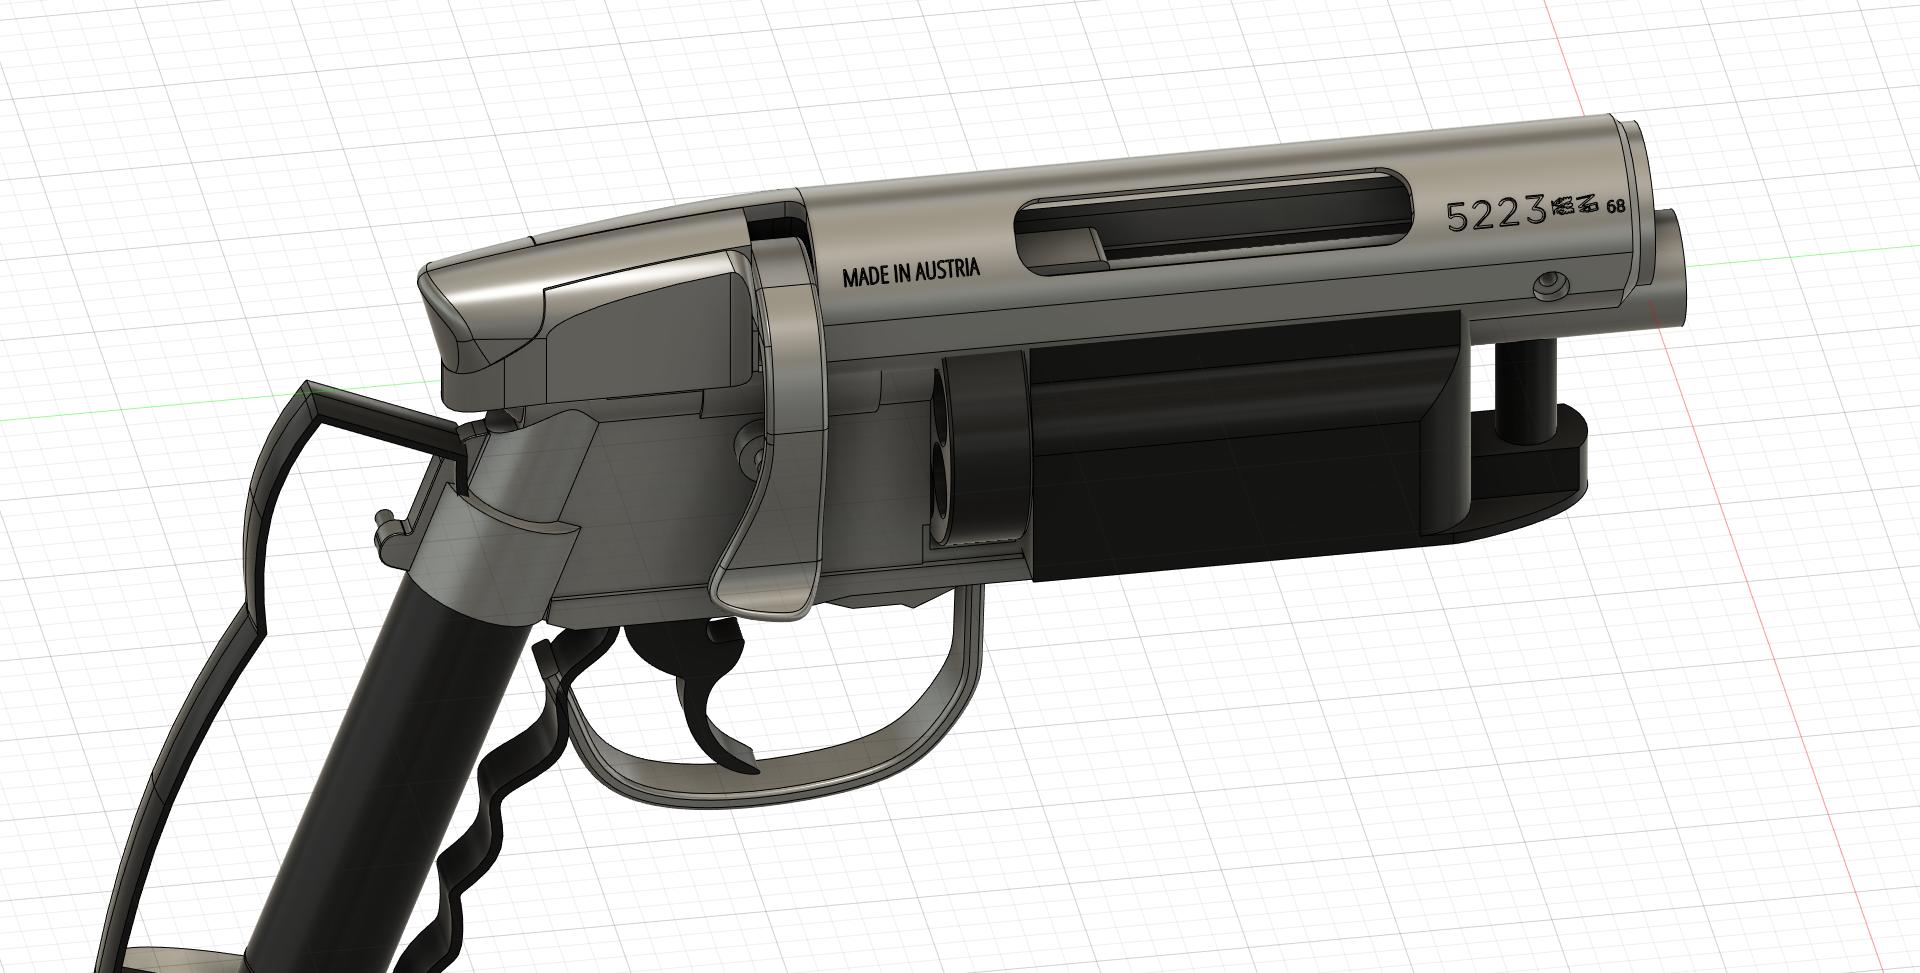 Umarex HDR 50 Hero Blaster 2nd v6.png